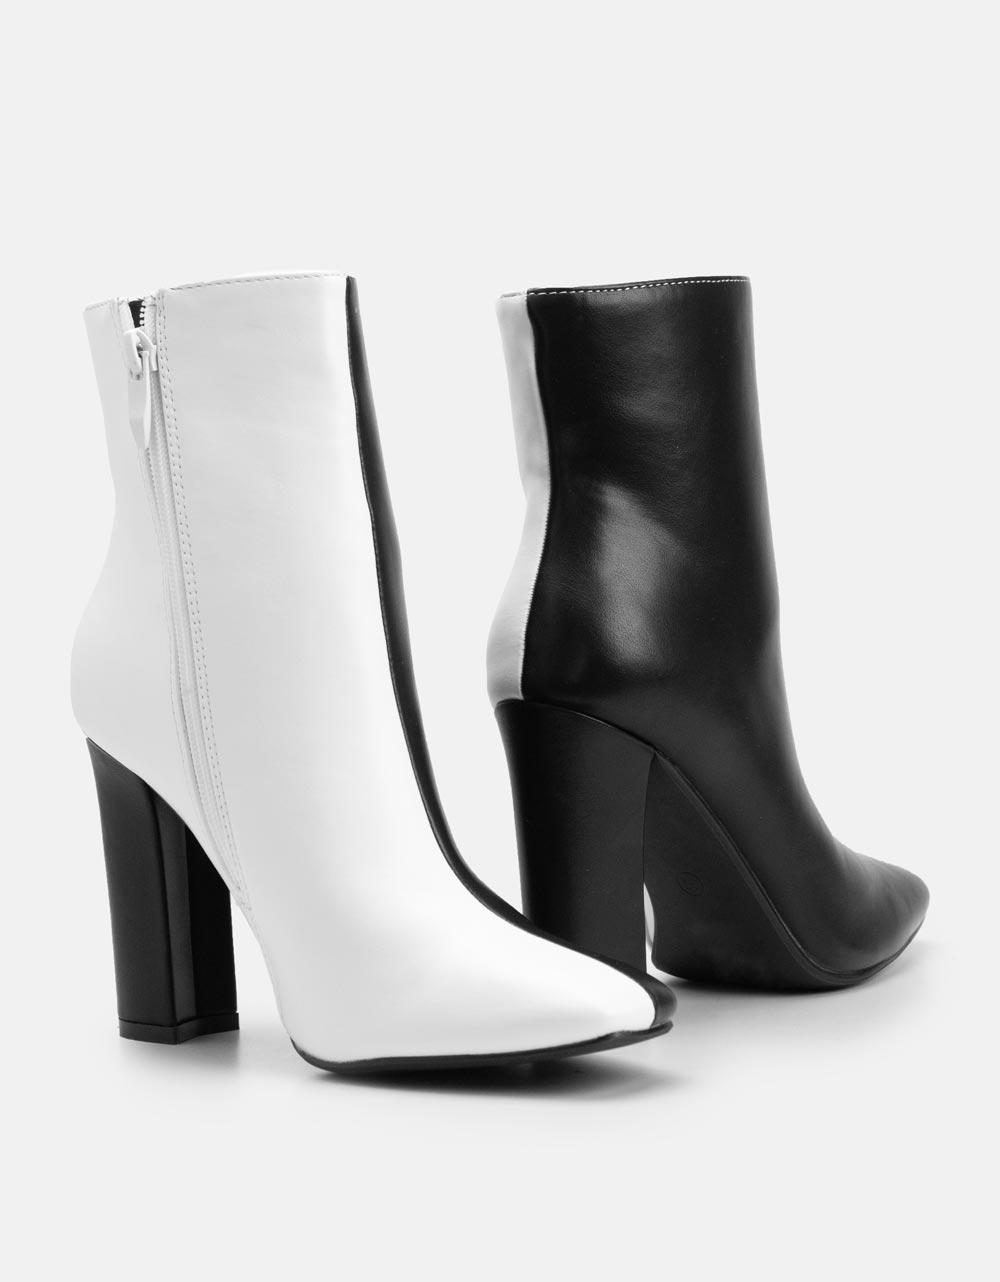 Εικόνα από Γυναικεία μποτάκια δίχρωμα Μαύρο/Λευκό